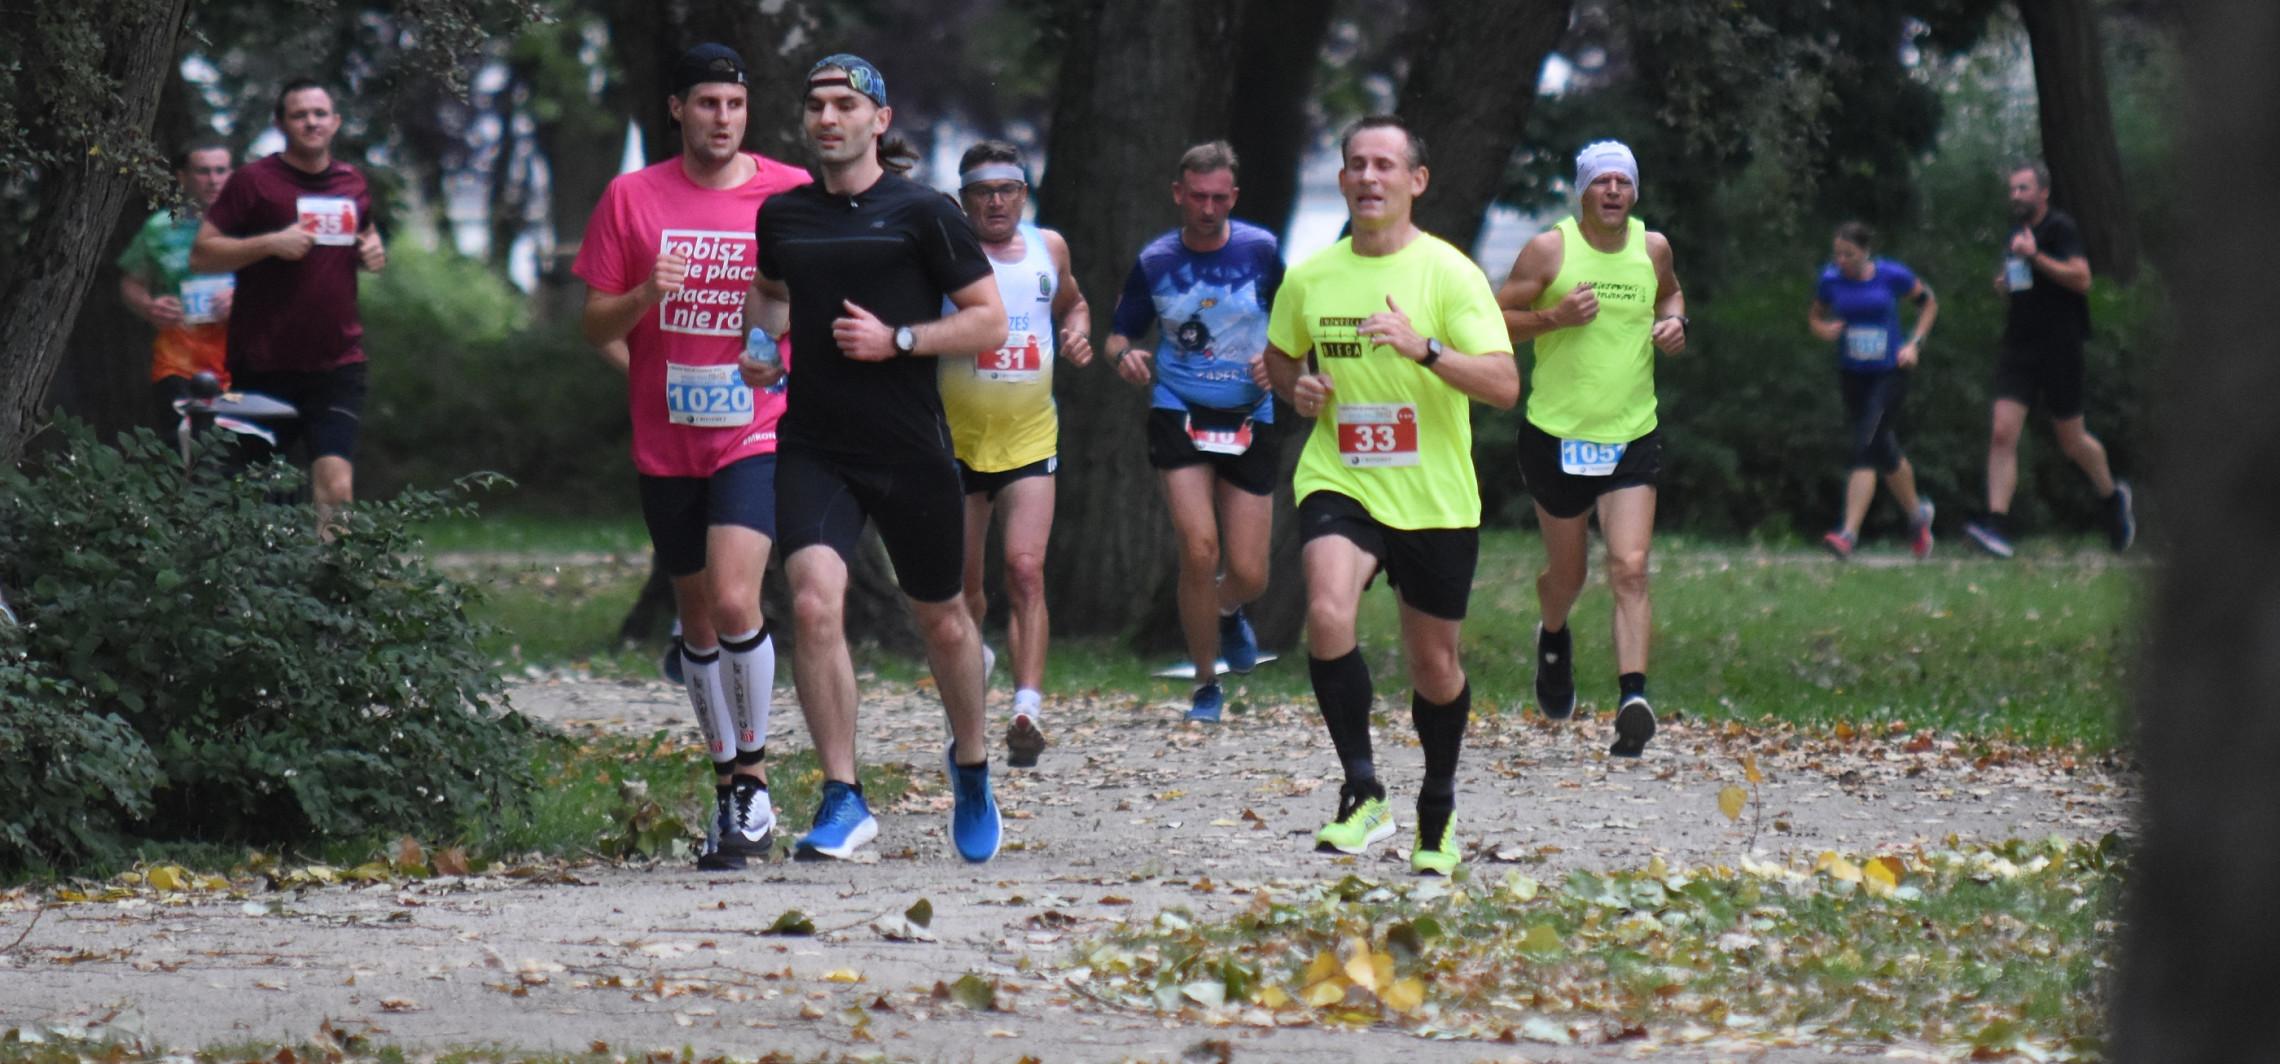 Inowrocław - Wielkie bieganie po Parku Solankowym